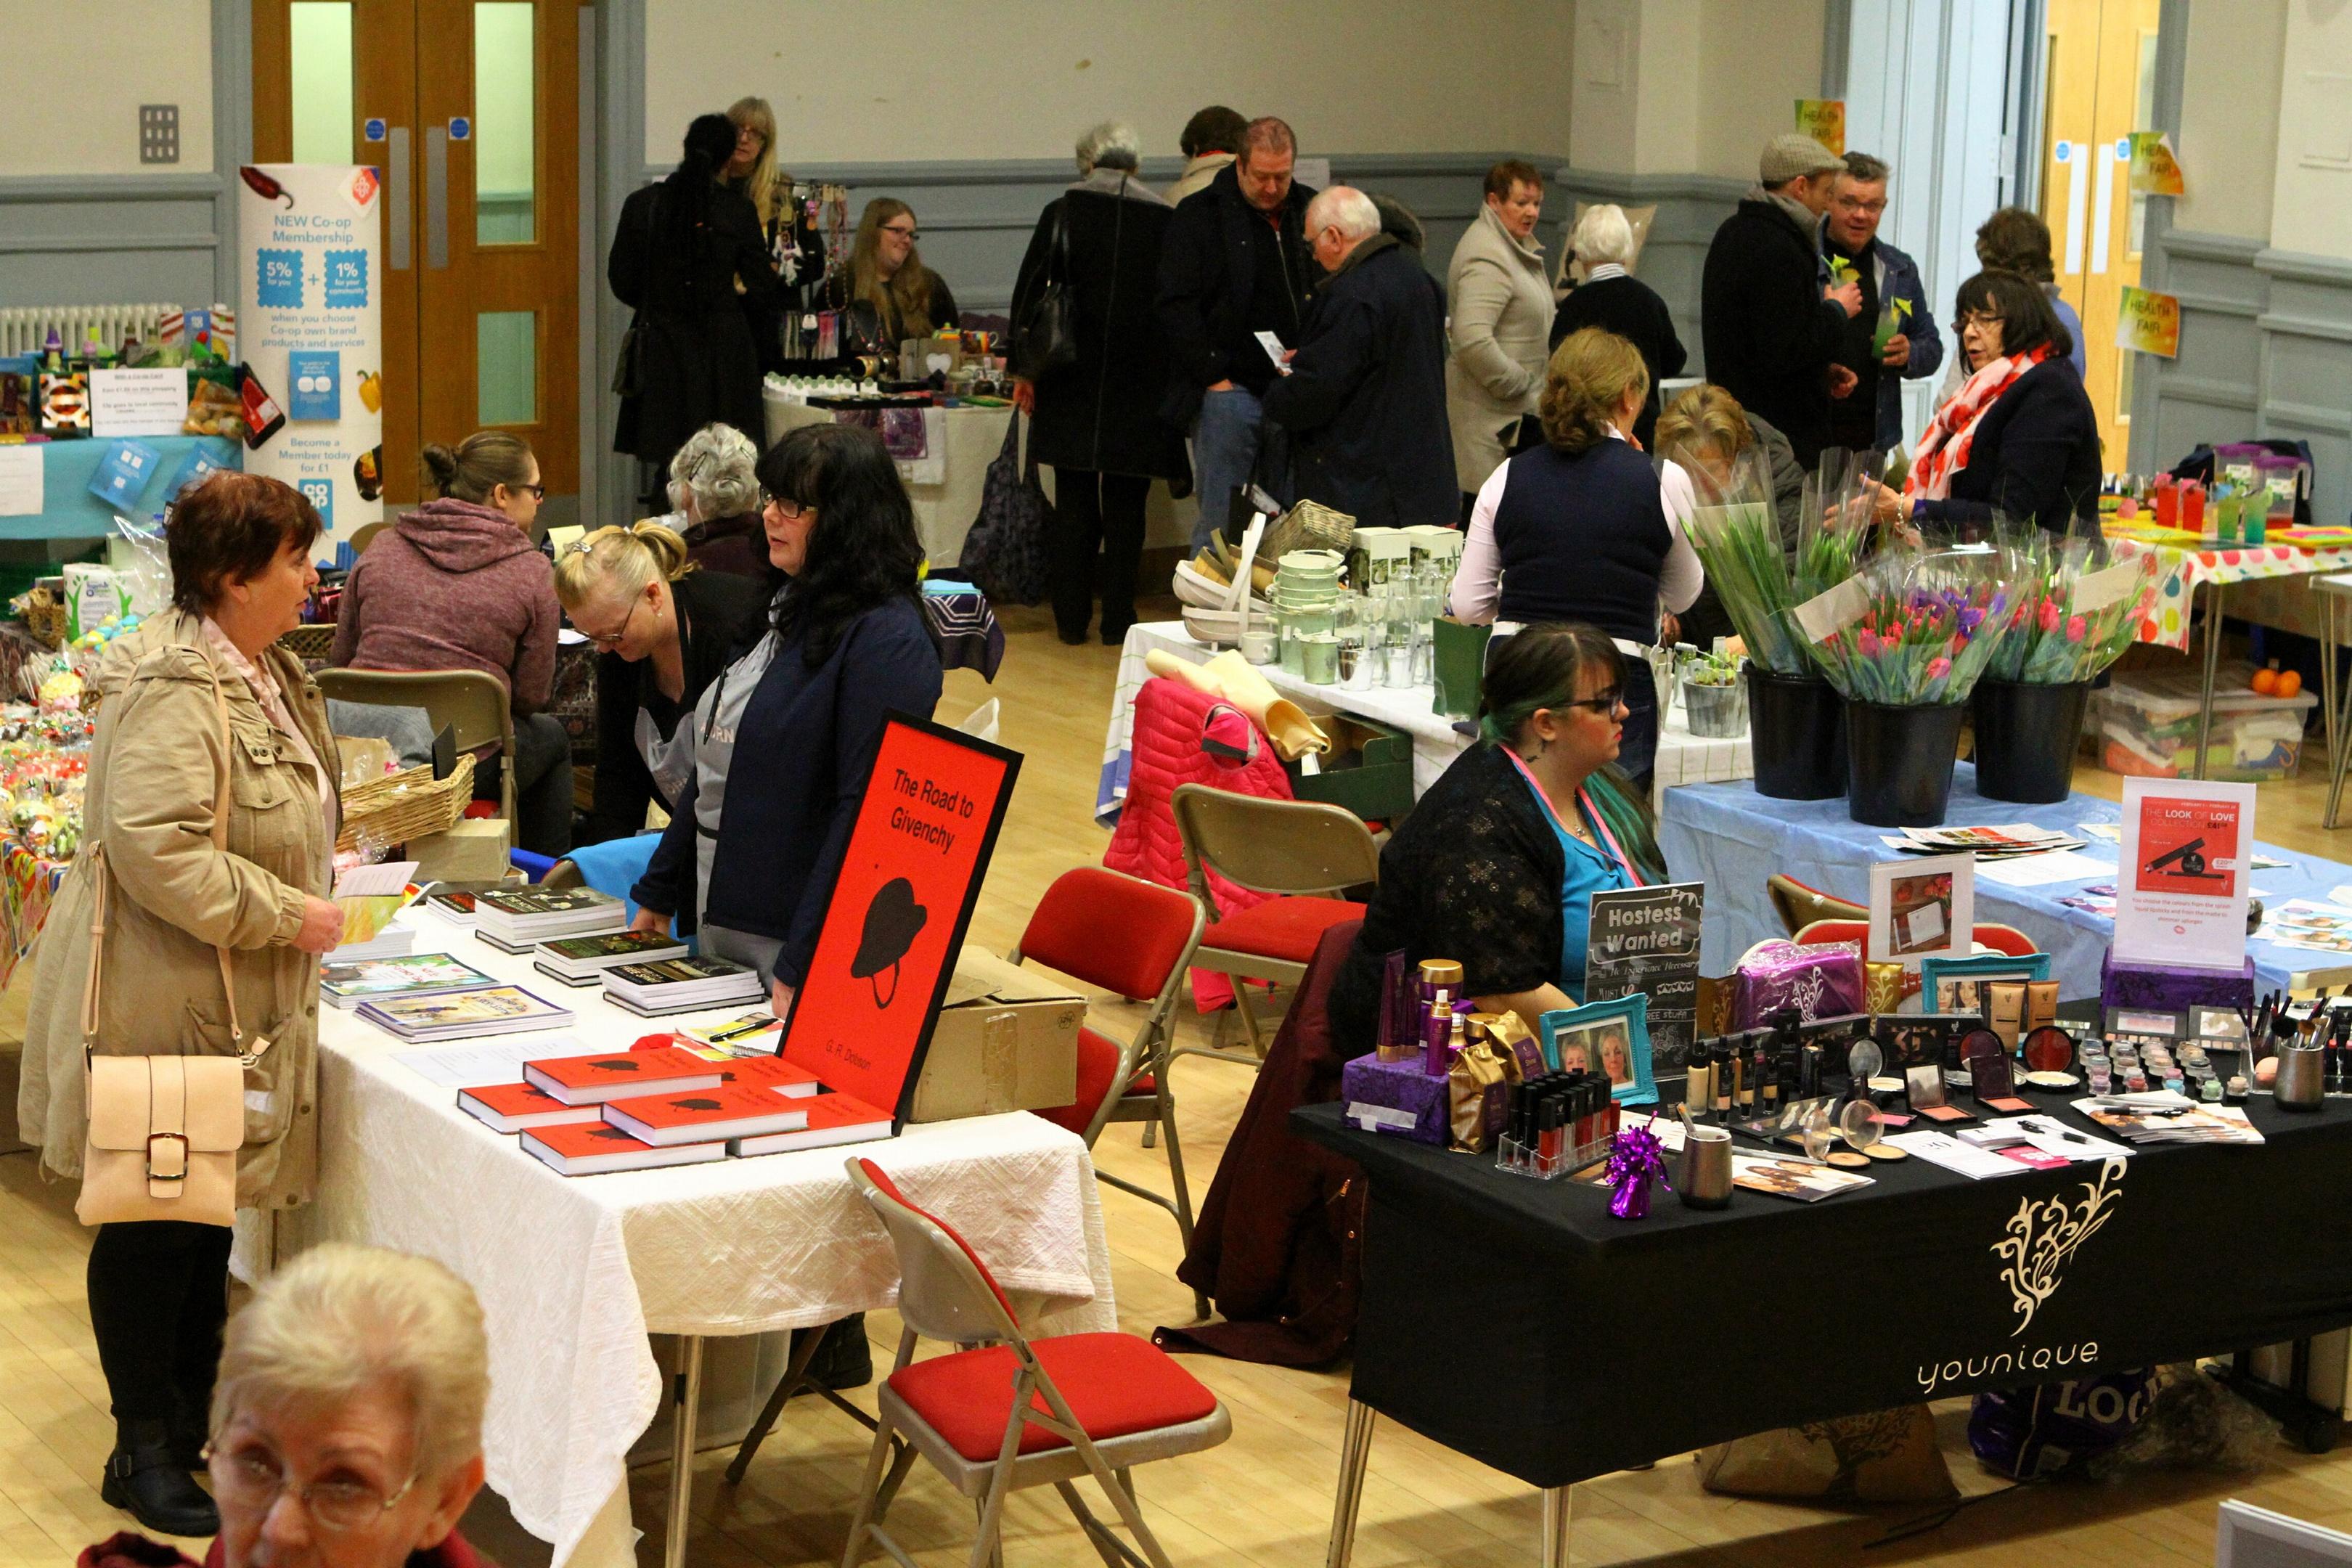 The busy Town hall fair